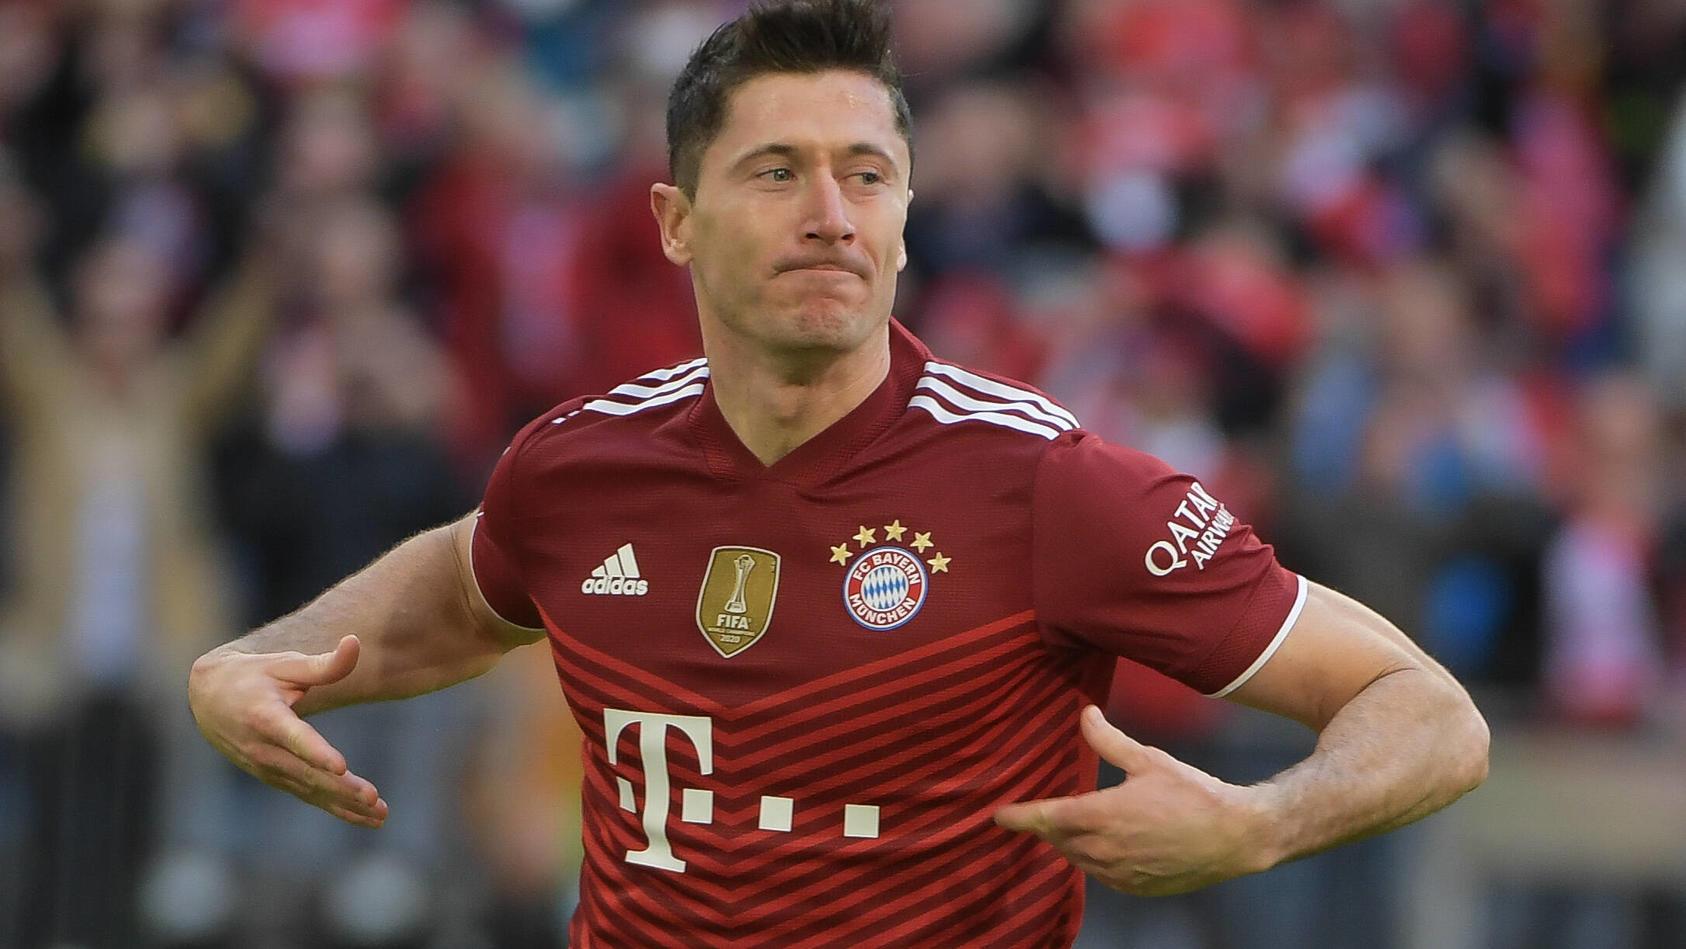 Riesen-Wirbel um Voting-Leak - Ballon d'Or: Lewandowski der Sieger?